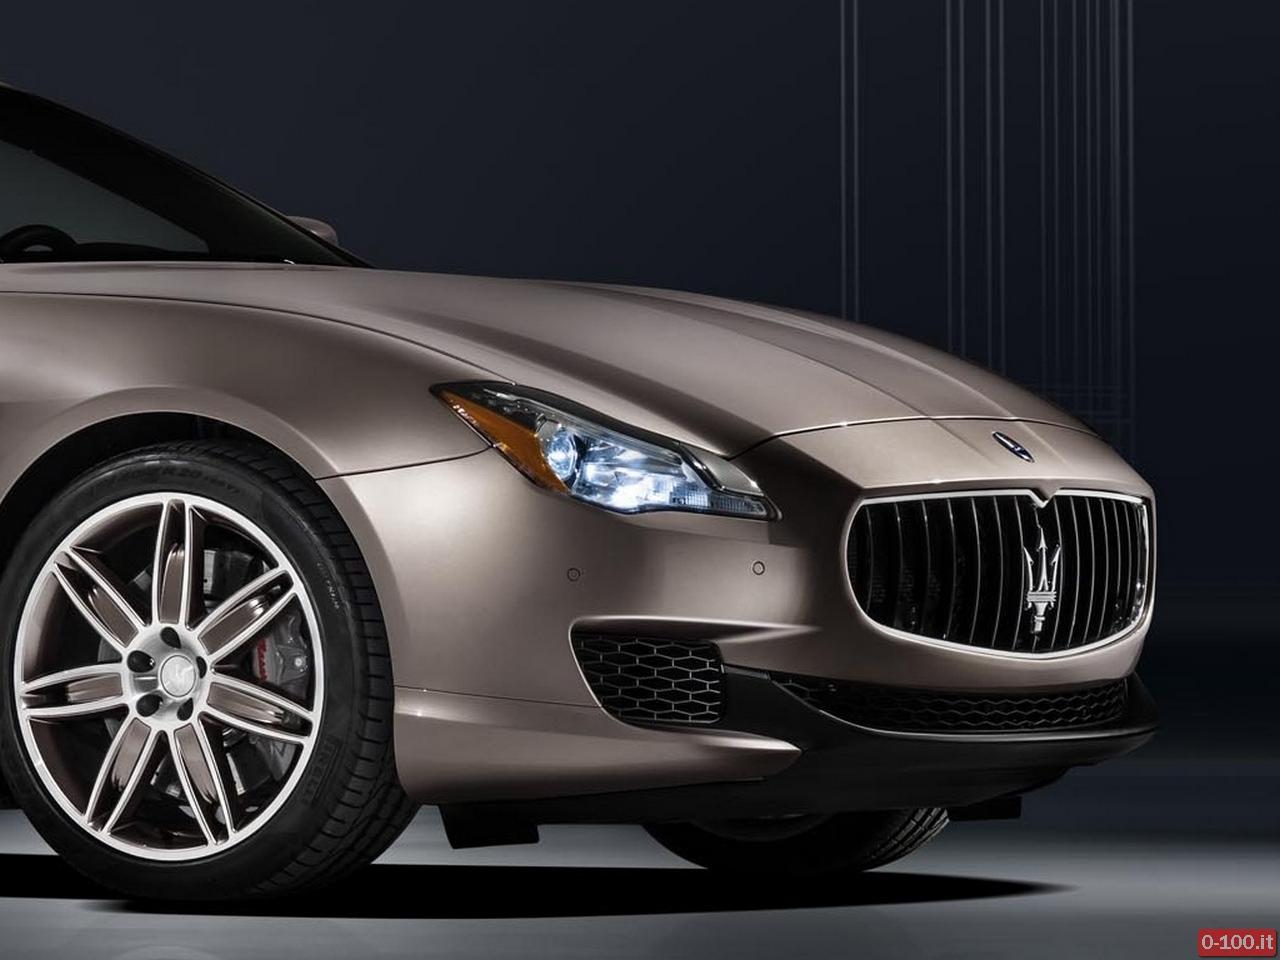 maserati-quattroporte-ermenegildo-zegna-limited-edition-concept_iaa-francoforte-2013_0-100_6